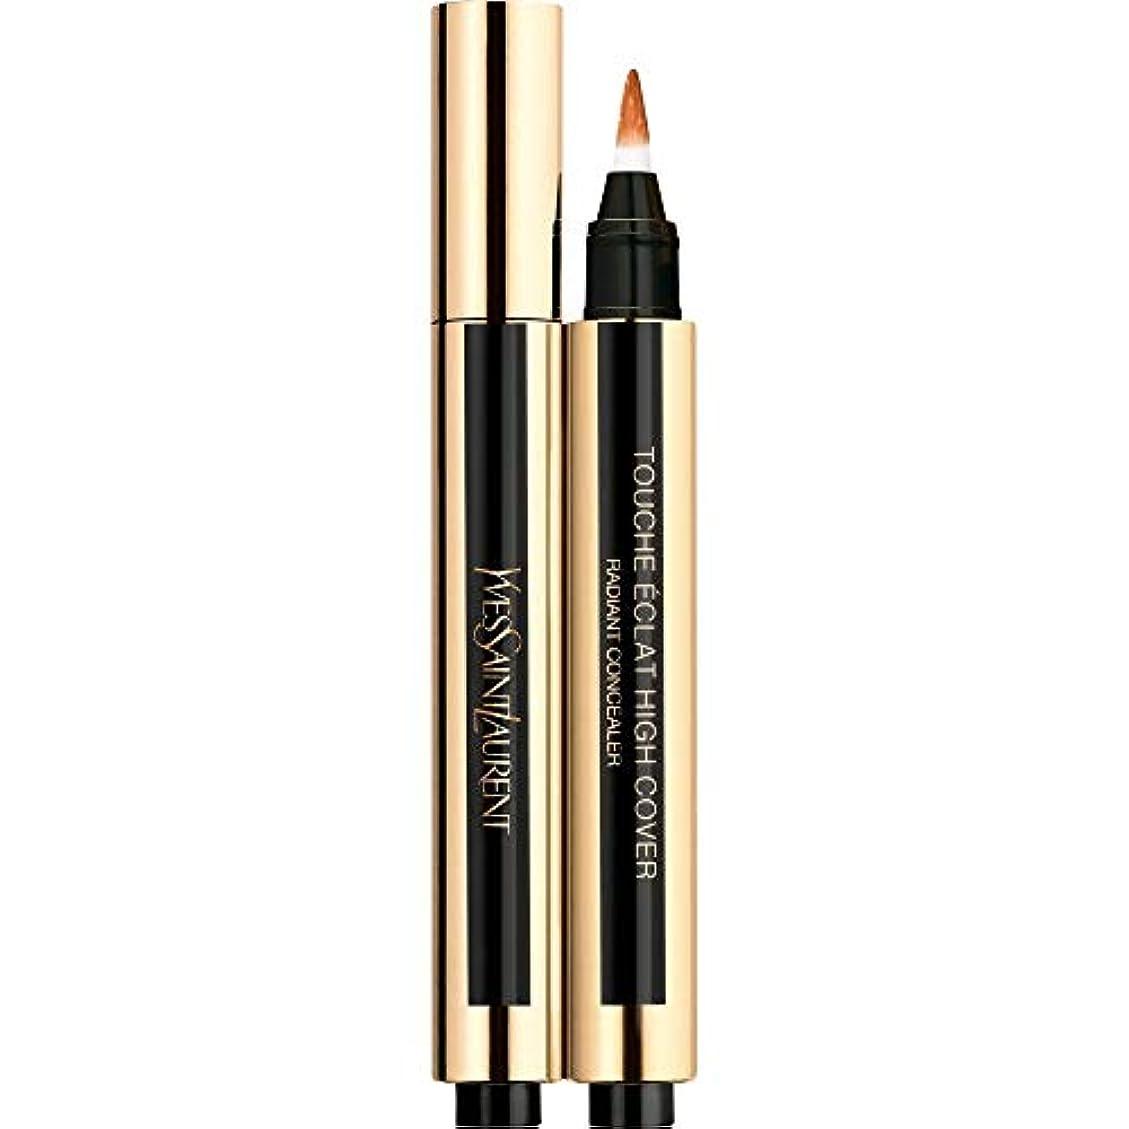 容量リングセクタ[Yves Saint Laurent] 6.5 2.5ミリリットルイヴ?サンローランのトウシュエクラ高いカバー放射コンシーラーペン - ヘーゼルナッツ - Yves Saint Laurent Touche Eclat High Cover Radiant Concealer Pen 2.5ml 6.5 - Hazelnut [並行輸入品]